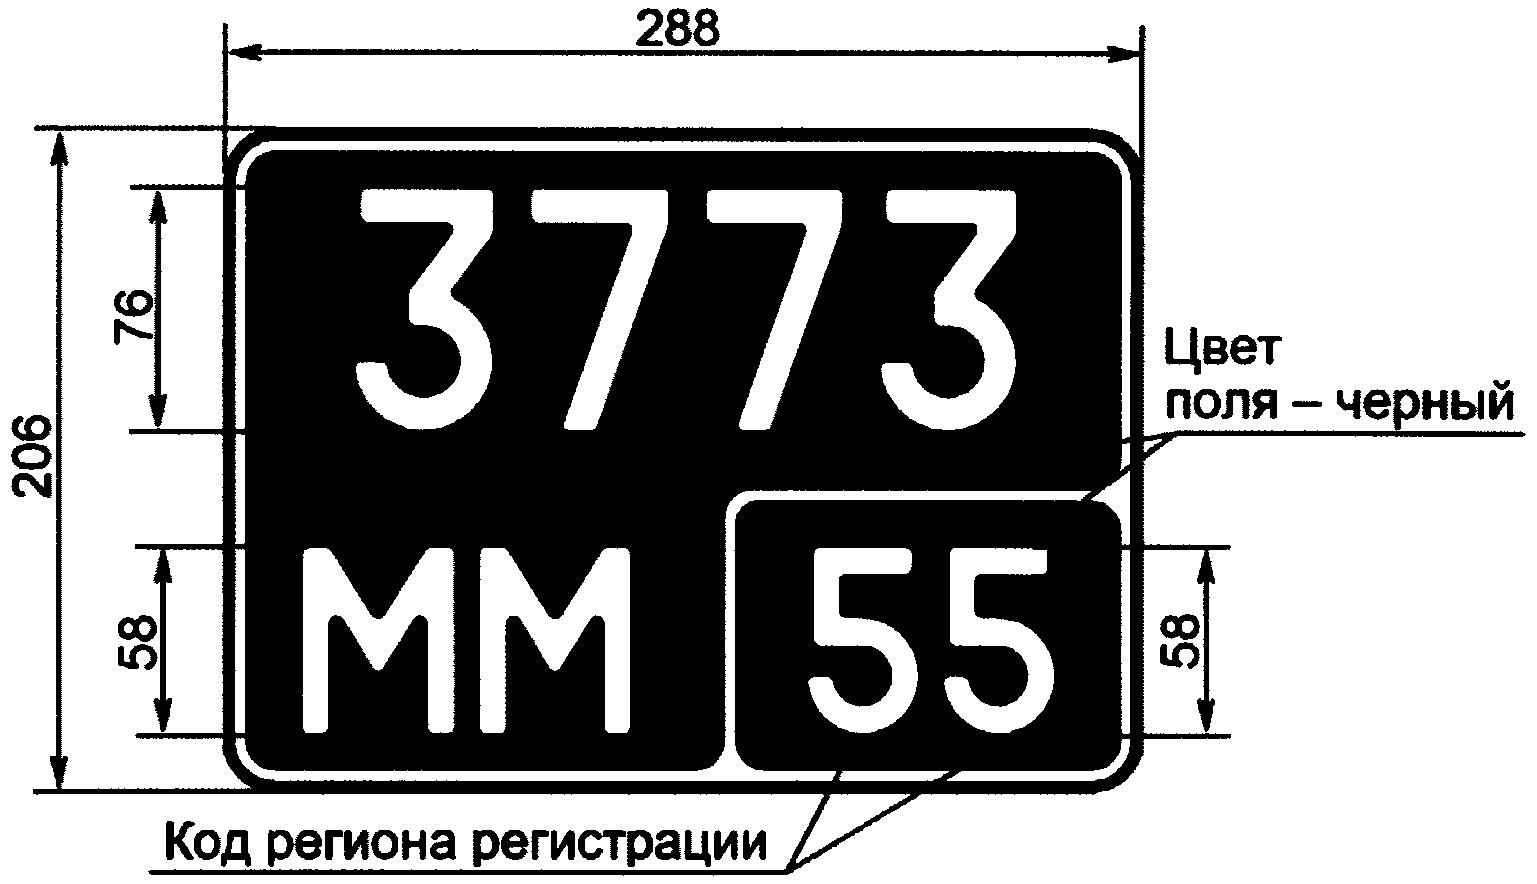 Регистрационный знак прицепа